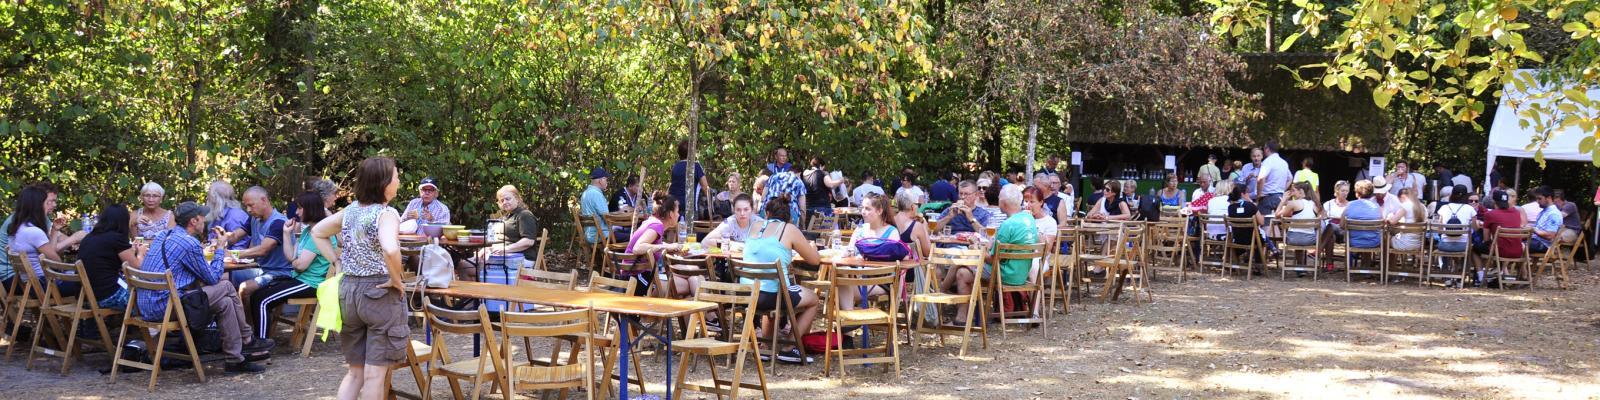 Mensen zitten buiten aan tafel op een evenement en drinken iets.